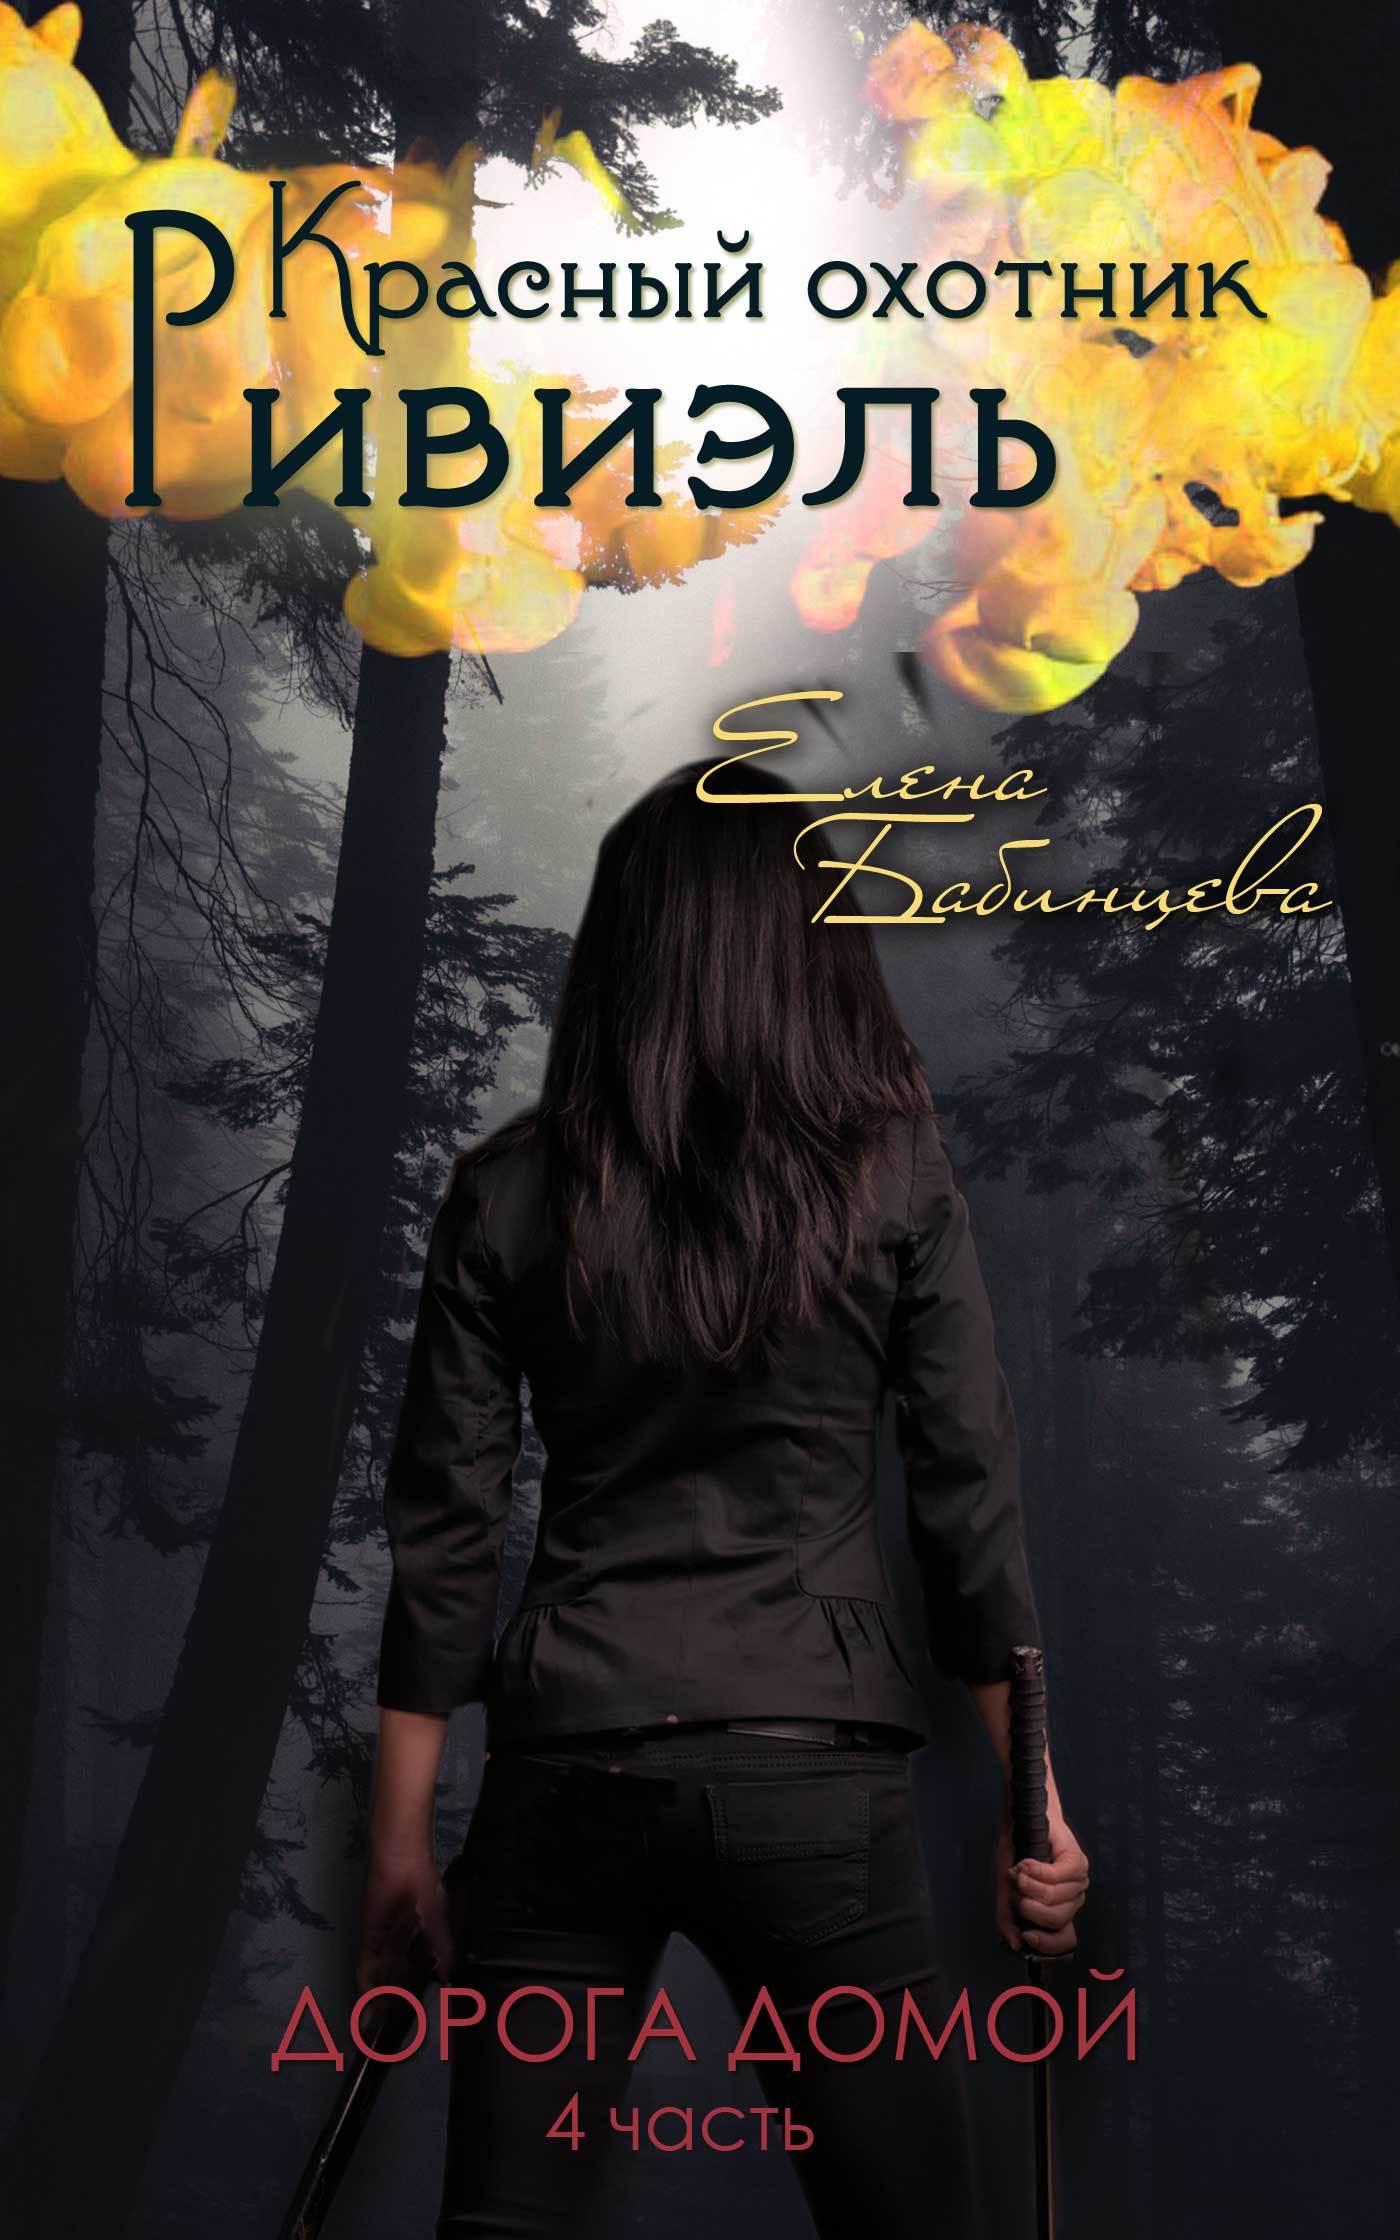 Елена Бабинцева Красный охотник Ривиэль. Дорога домой